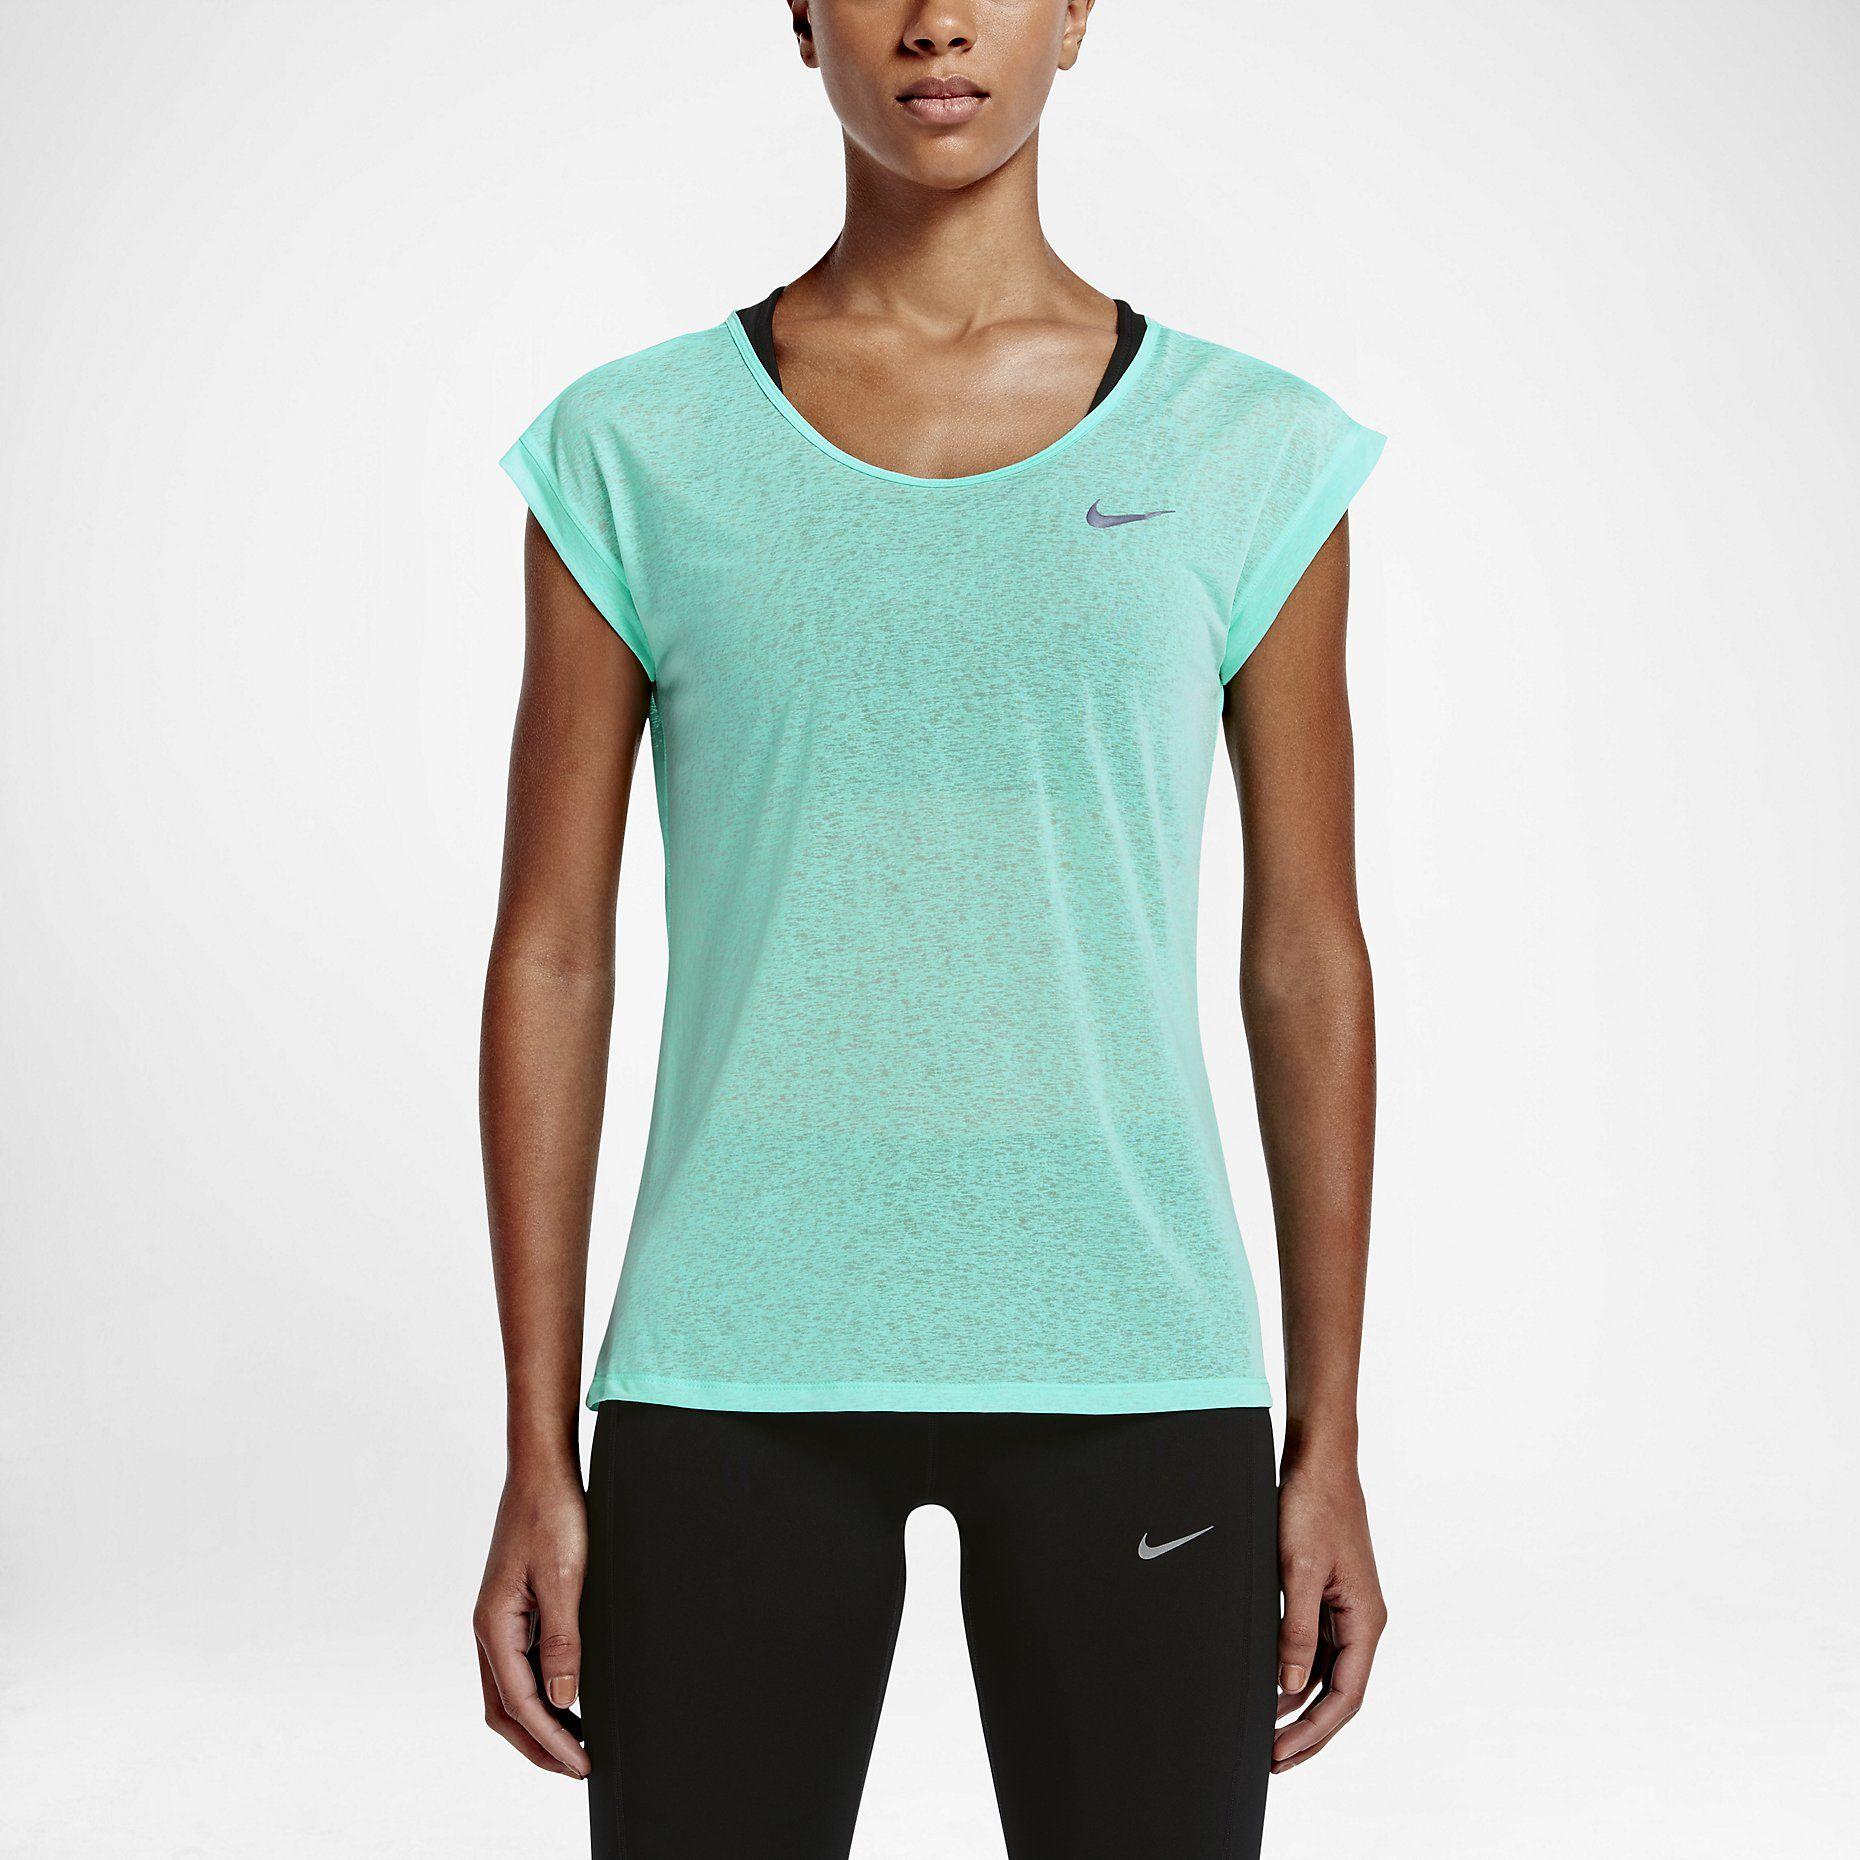 Товары, созданные для достижения максимальных результатов на соревнованиях, тренировках и в жизни. Покупай инновационные модели на Nike.com.